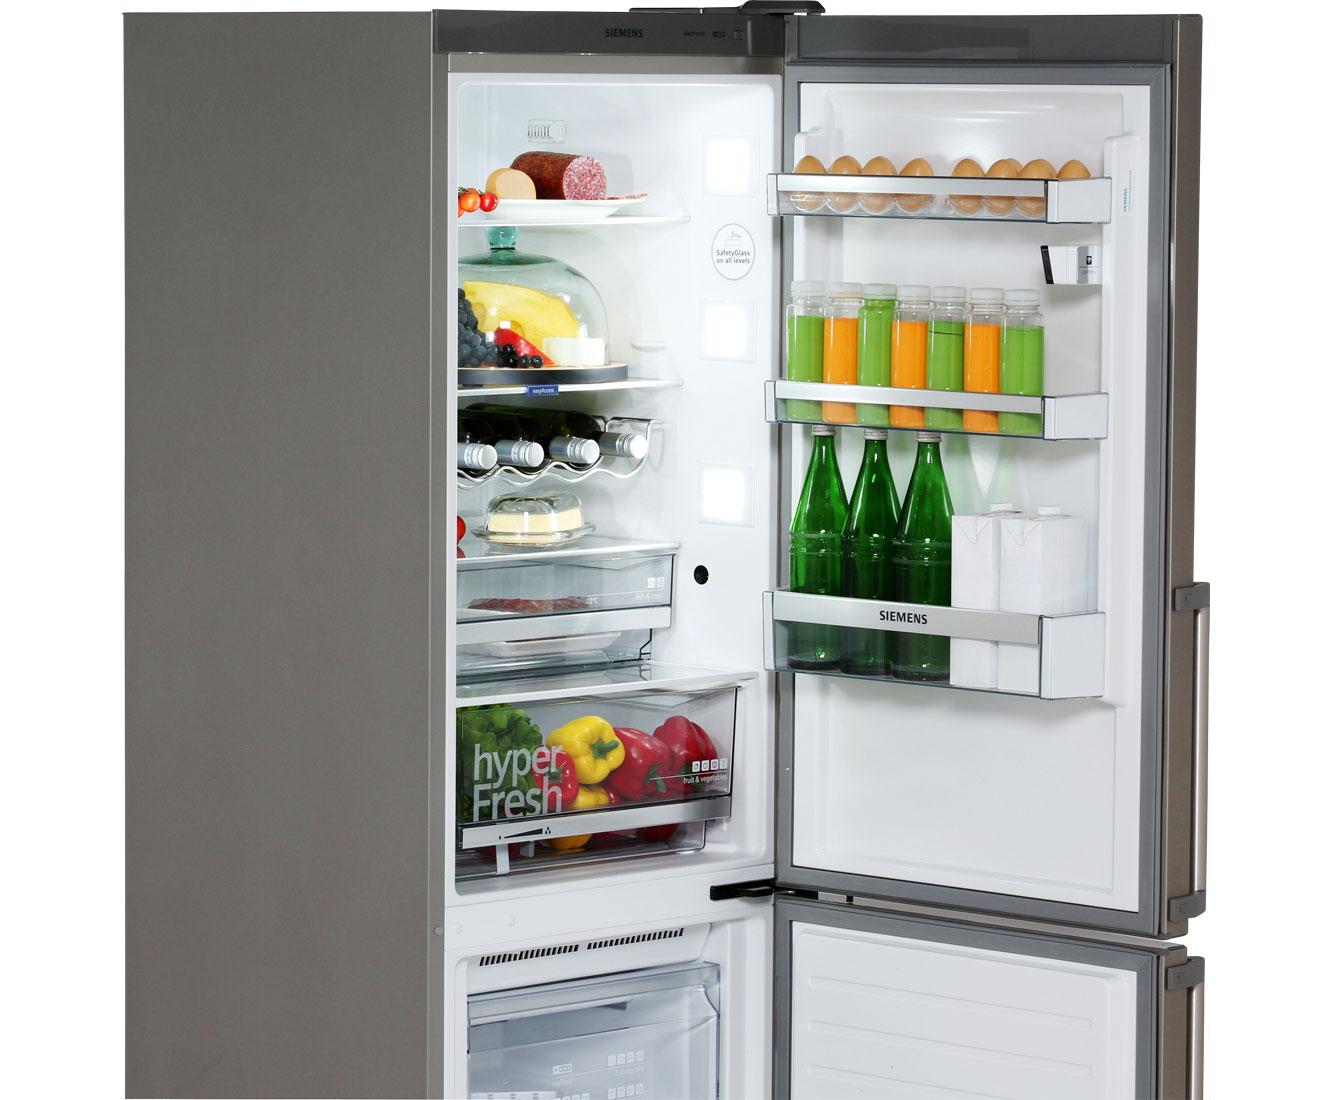 Siemens Kühlschrank Kamera : Siemens iq500 kg36nhi32 kühl gefrierkombination mit no frost mit